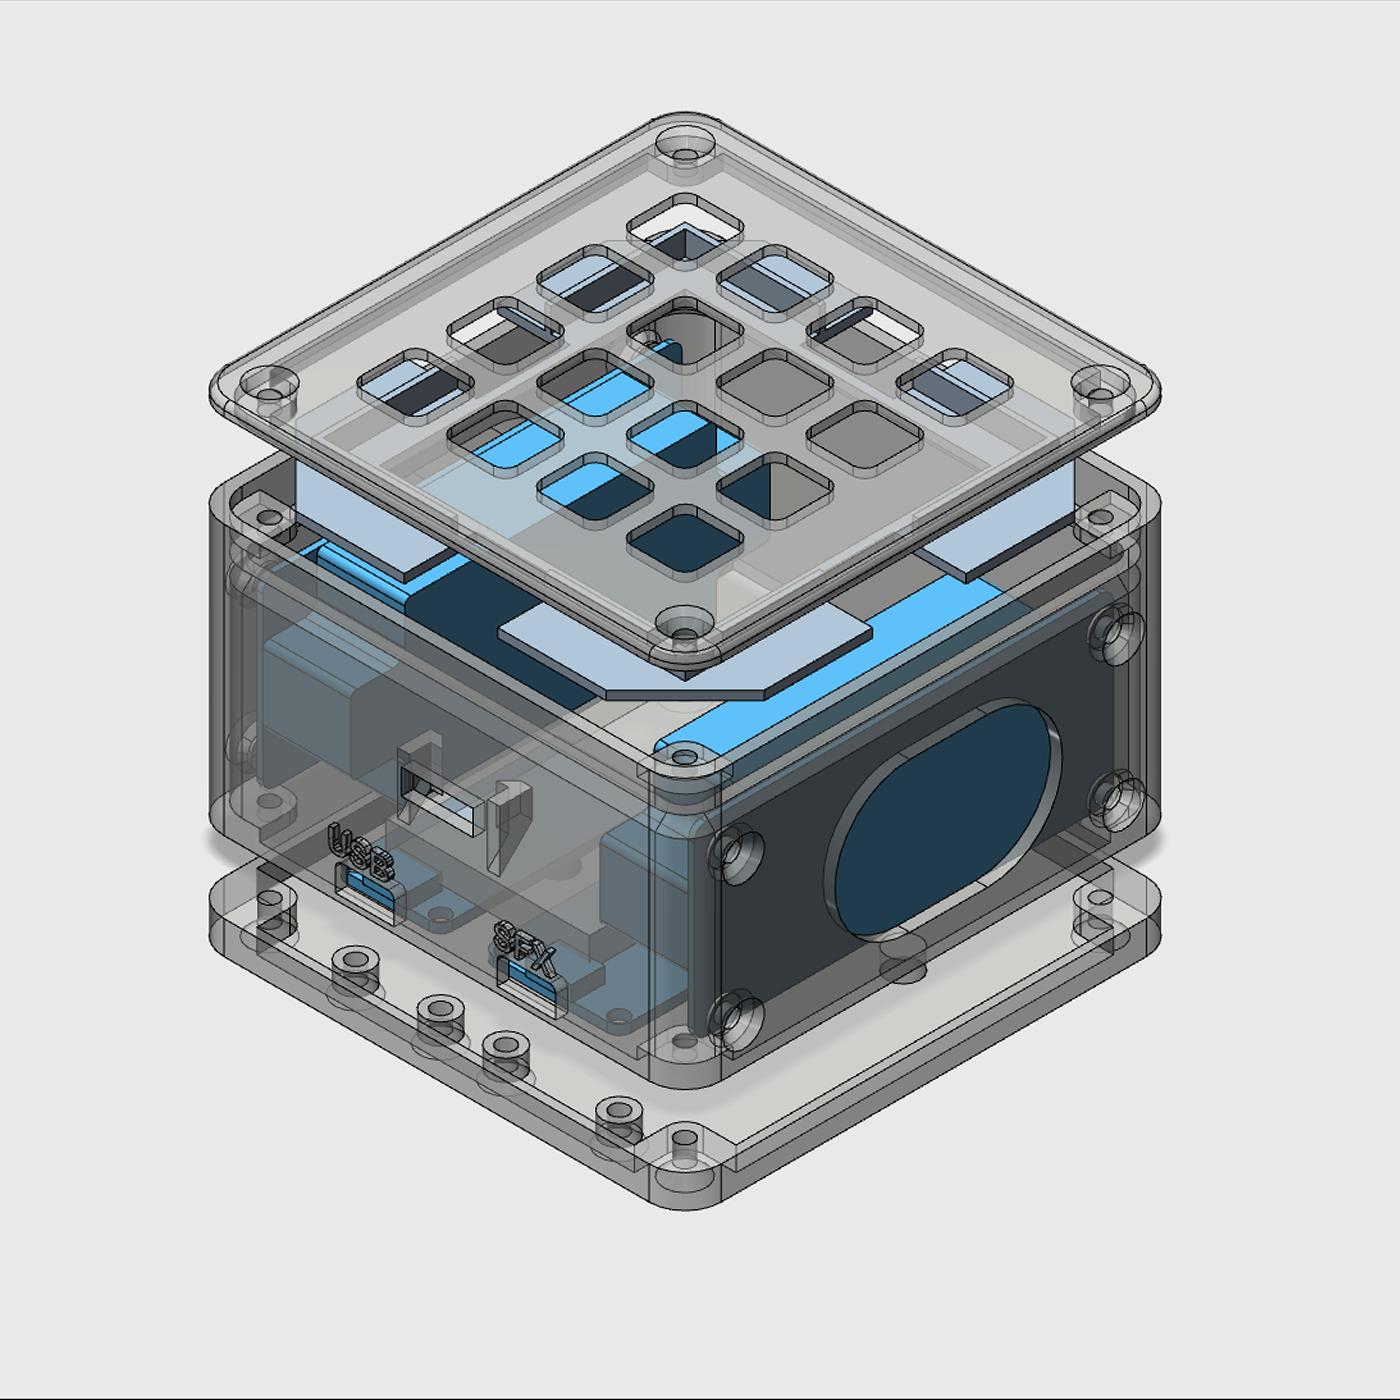 3d_printing_cad-enclosure.png